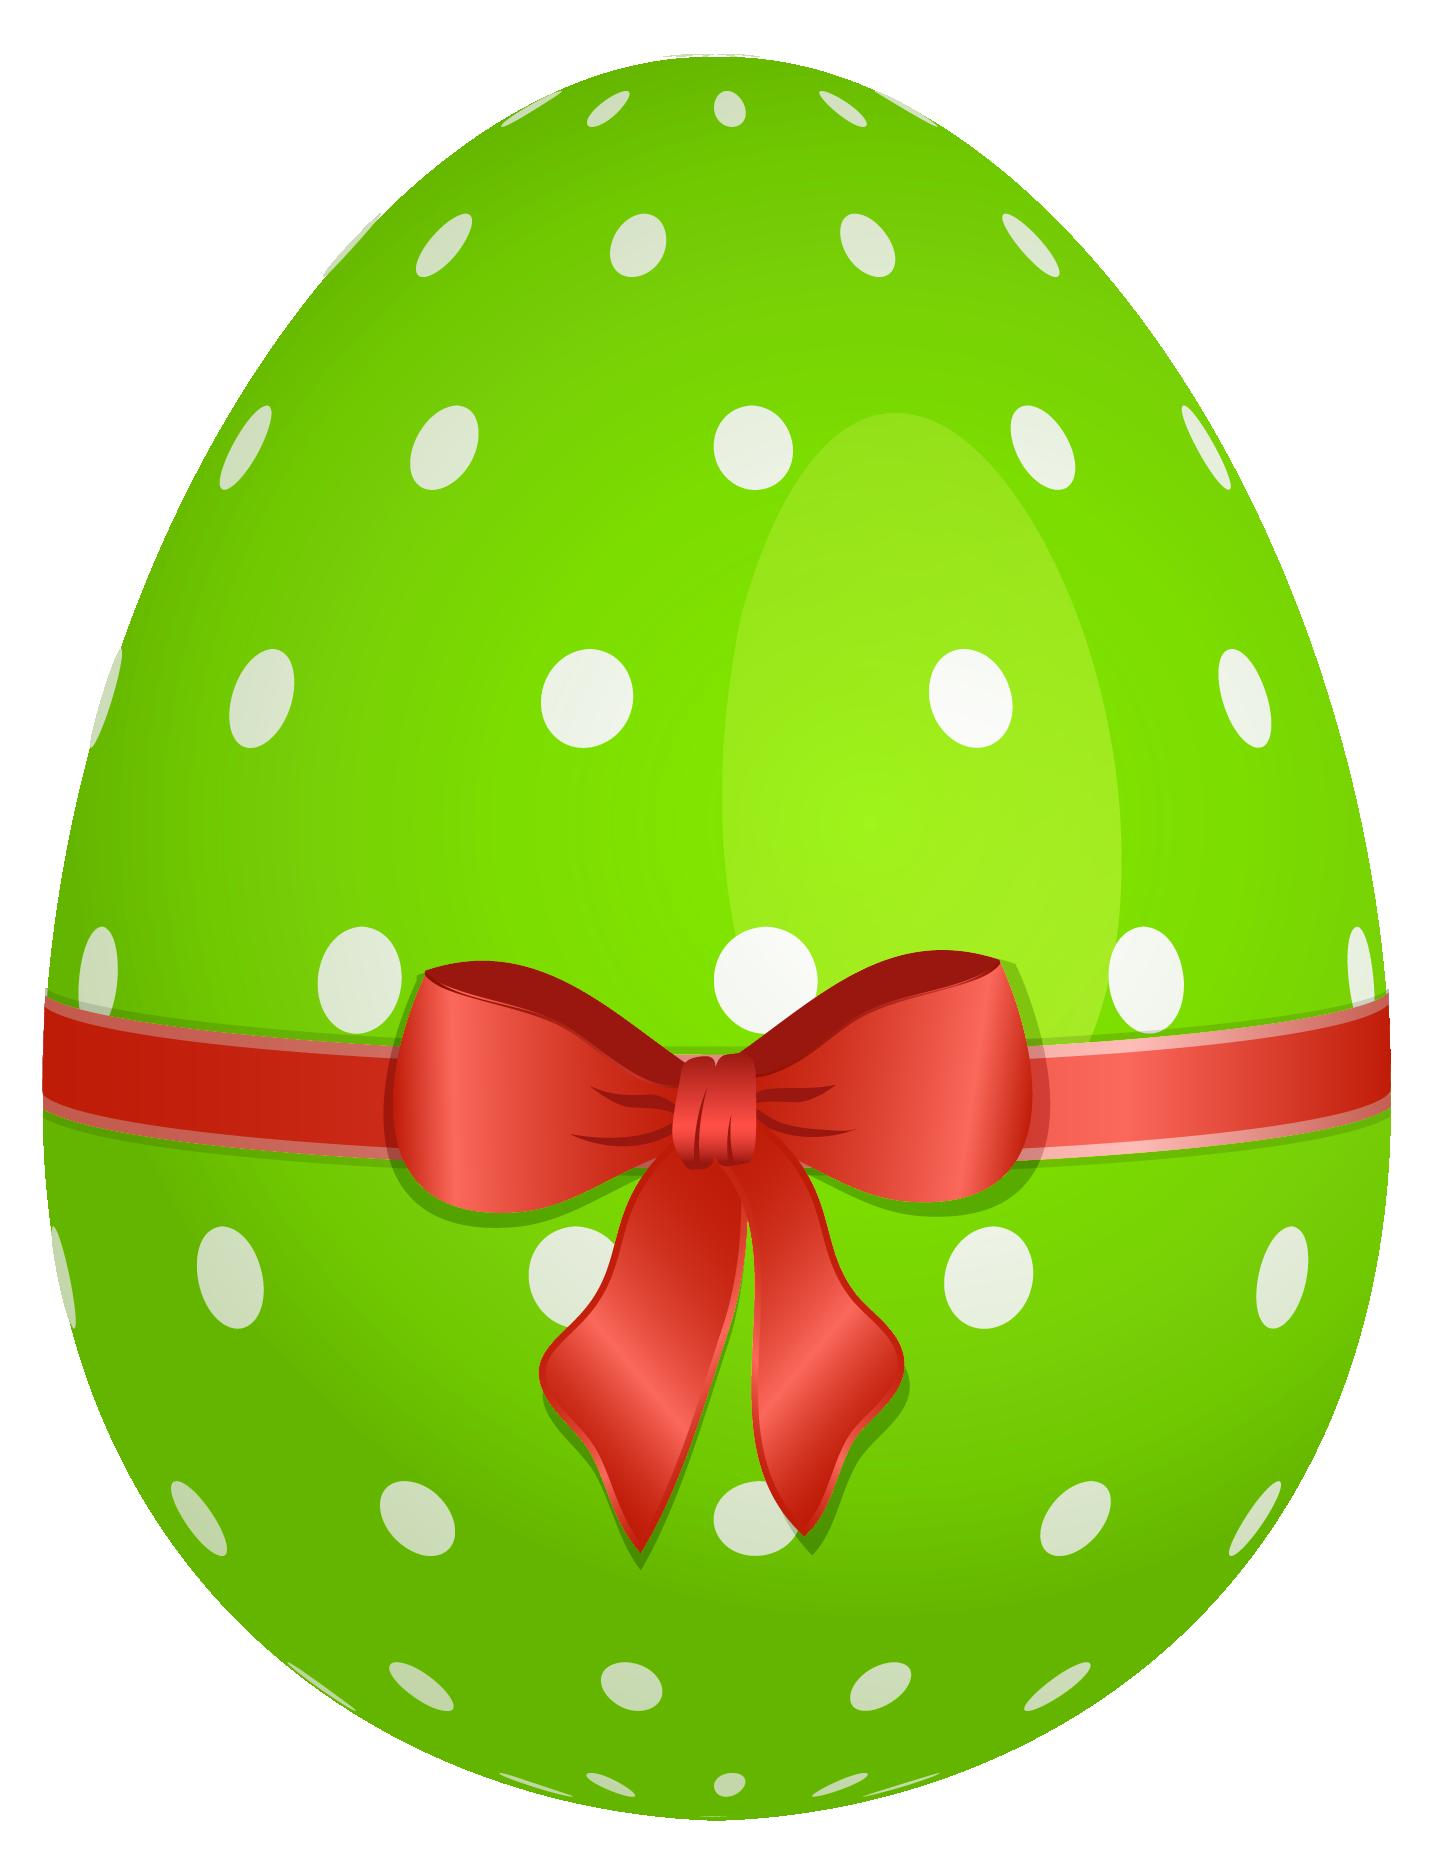 Google Easter Egg Clip Art - ClipArt Best